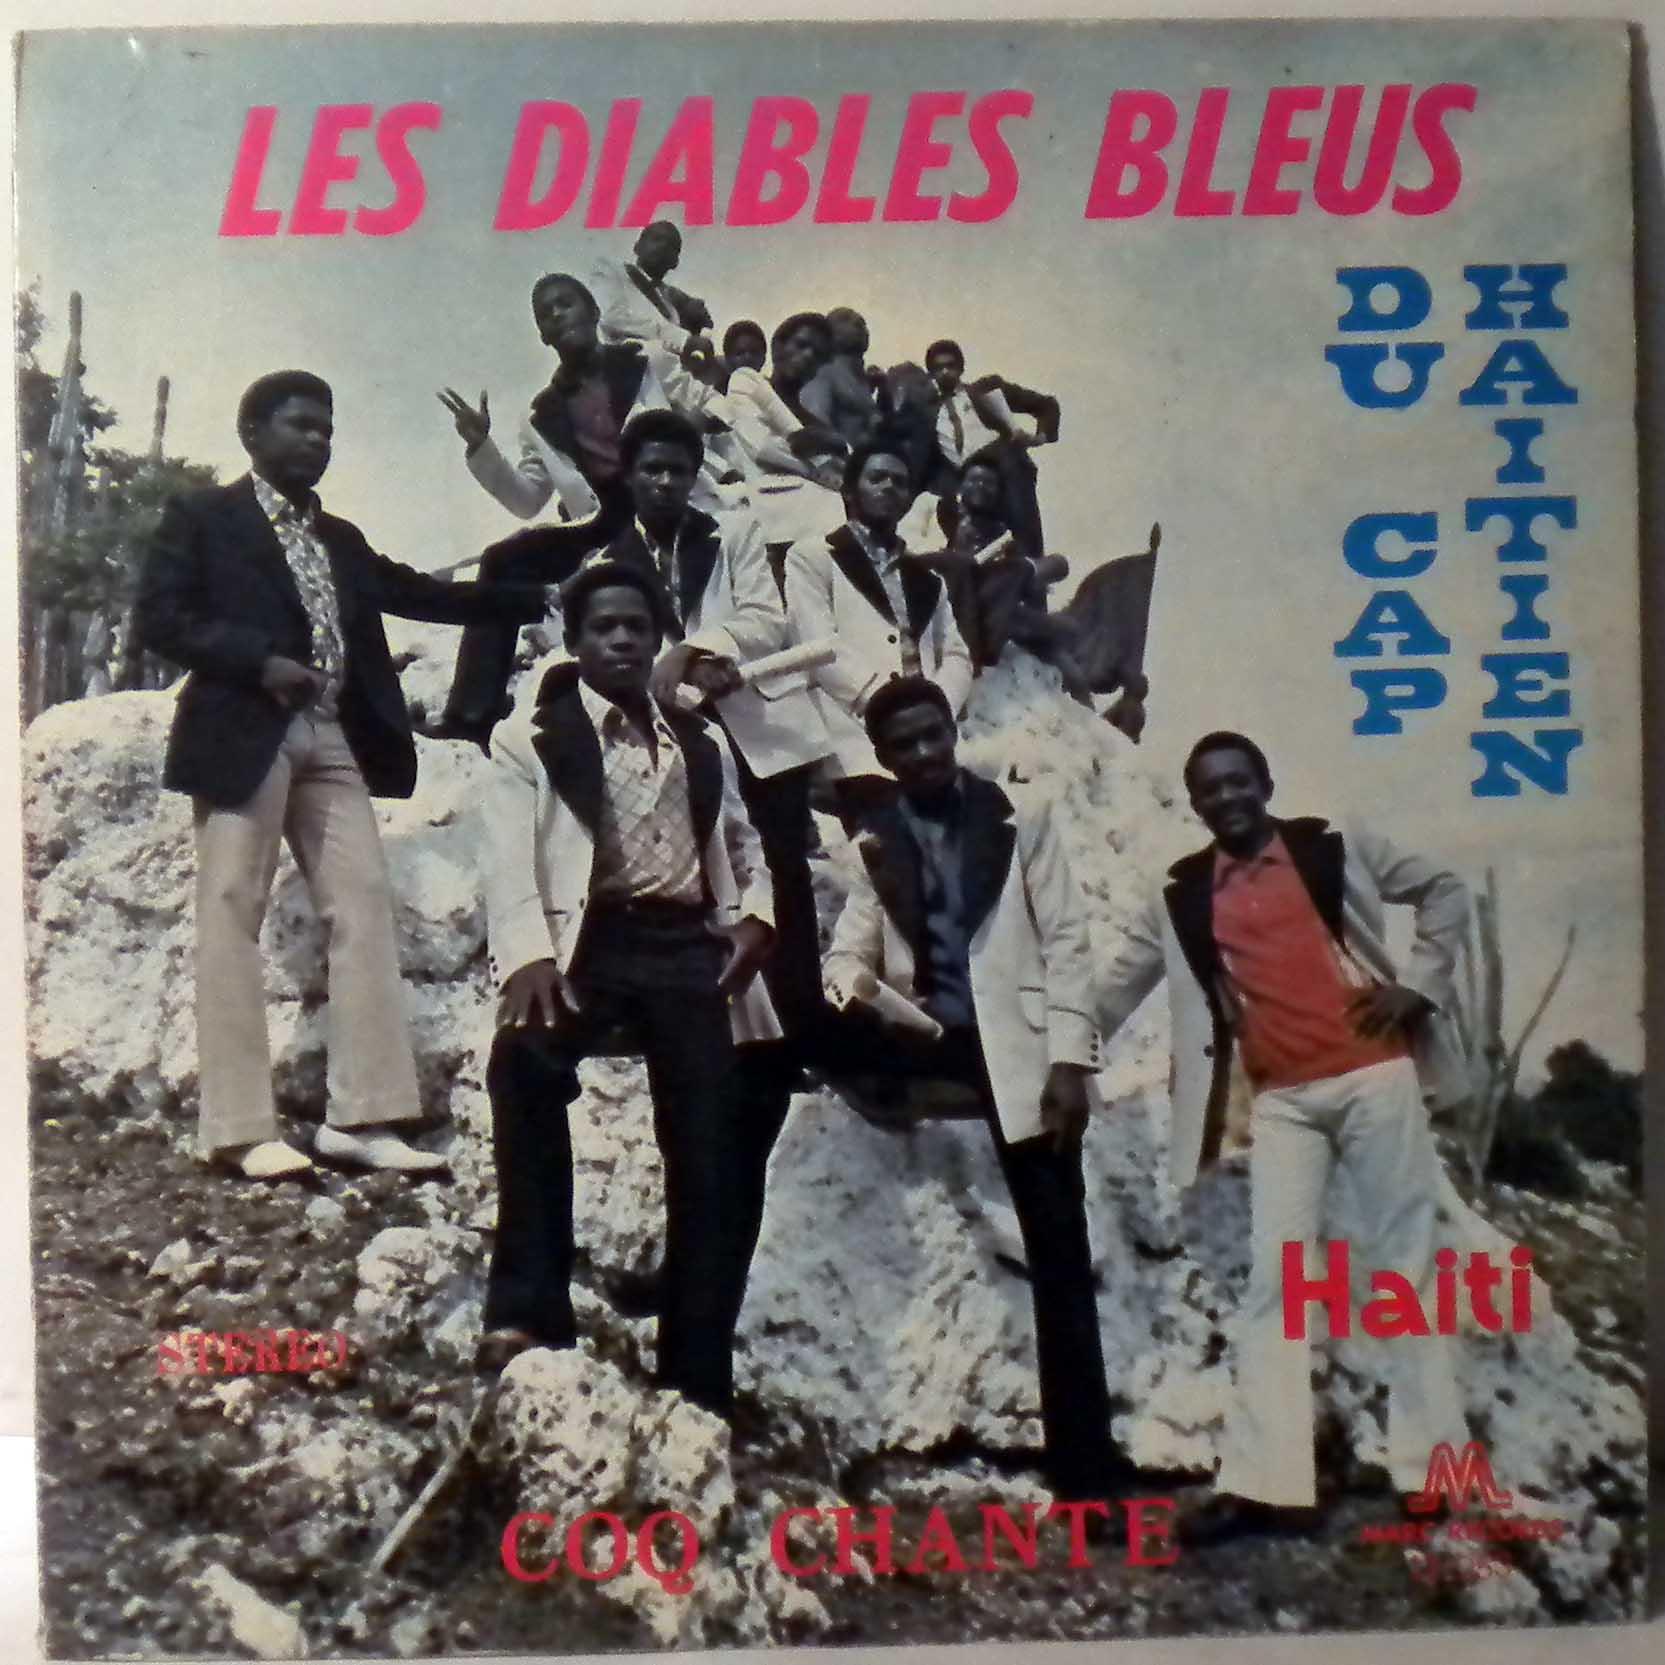 LES DIABLES BLEUS DU CAP HAITIEN - Coq chante - 33T